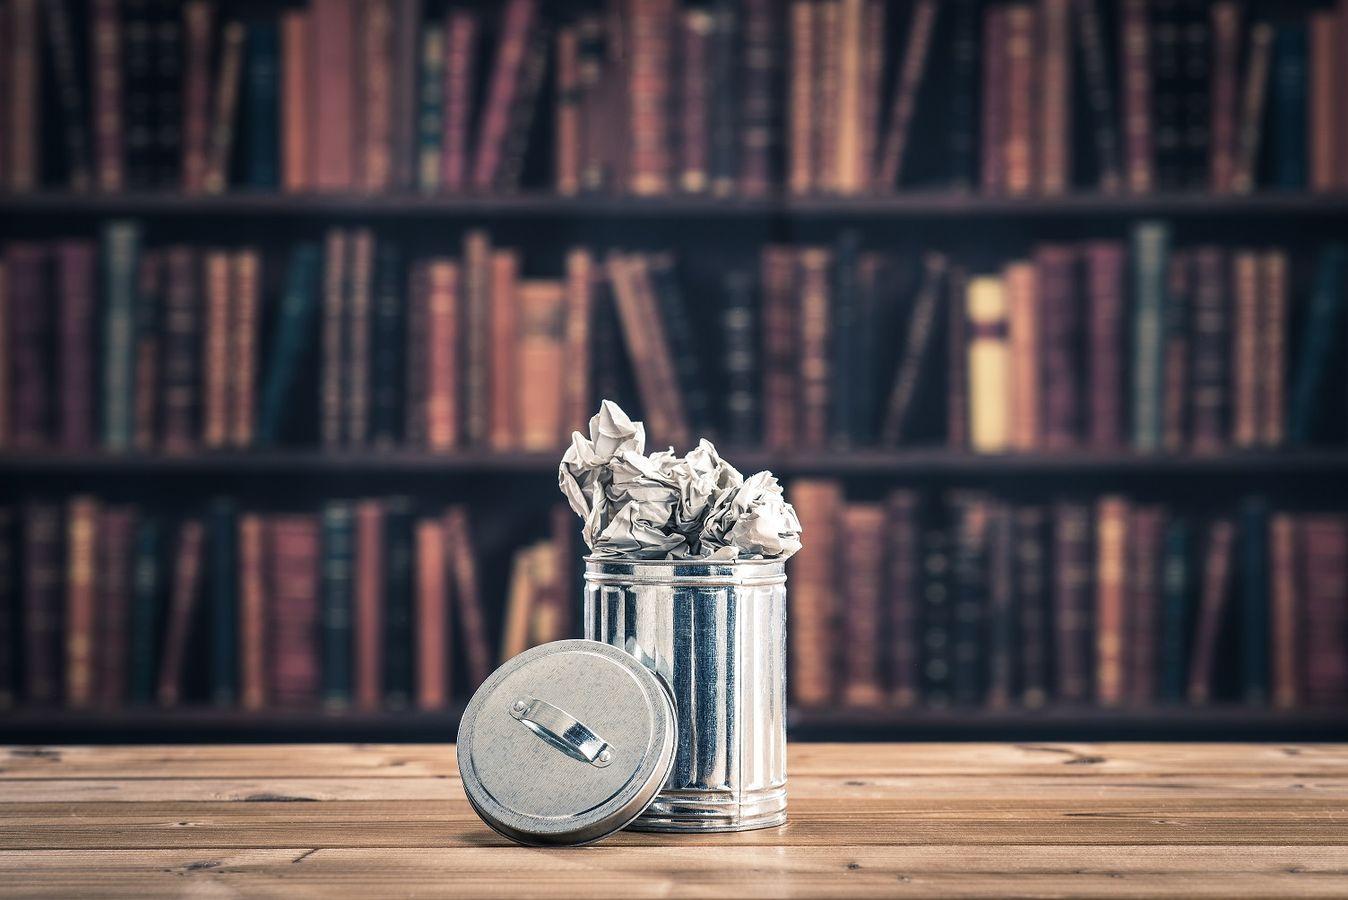 Législation et politiques de prévention des déchets : synthèse et approche stratégique